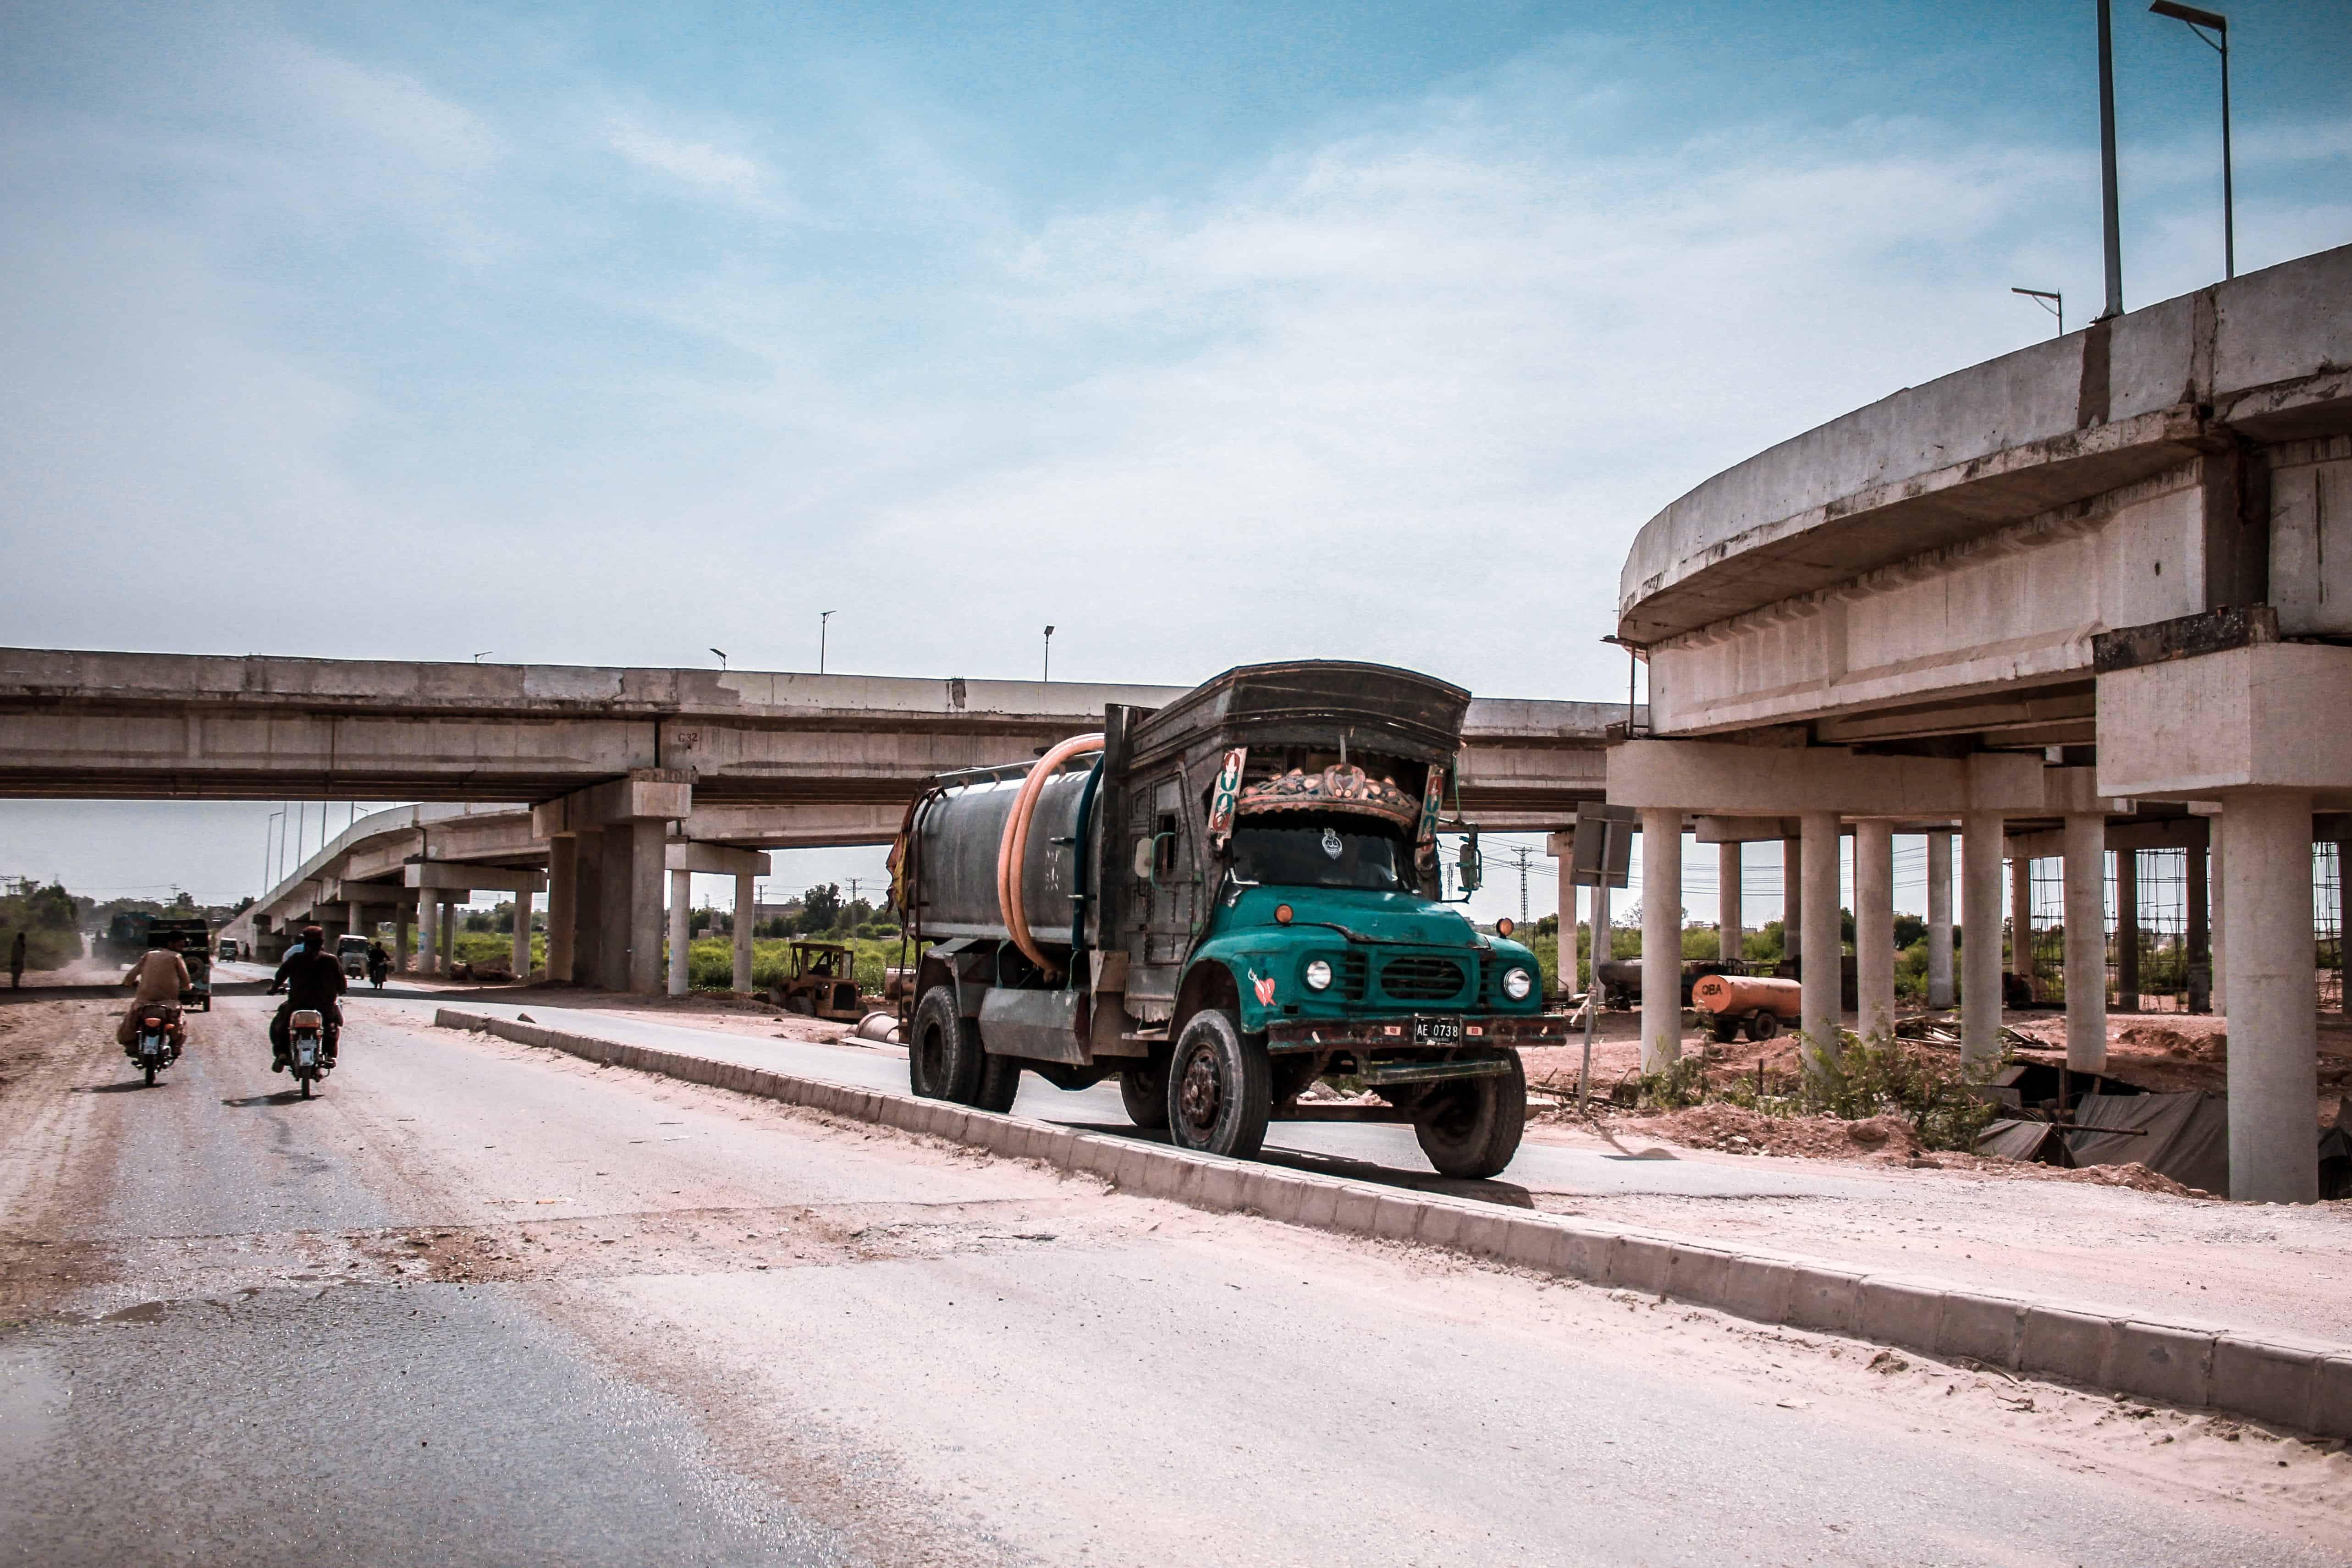 Pakistan IP – 5 – Pakistani Infrastructure